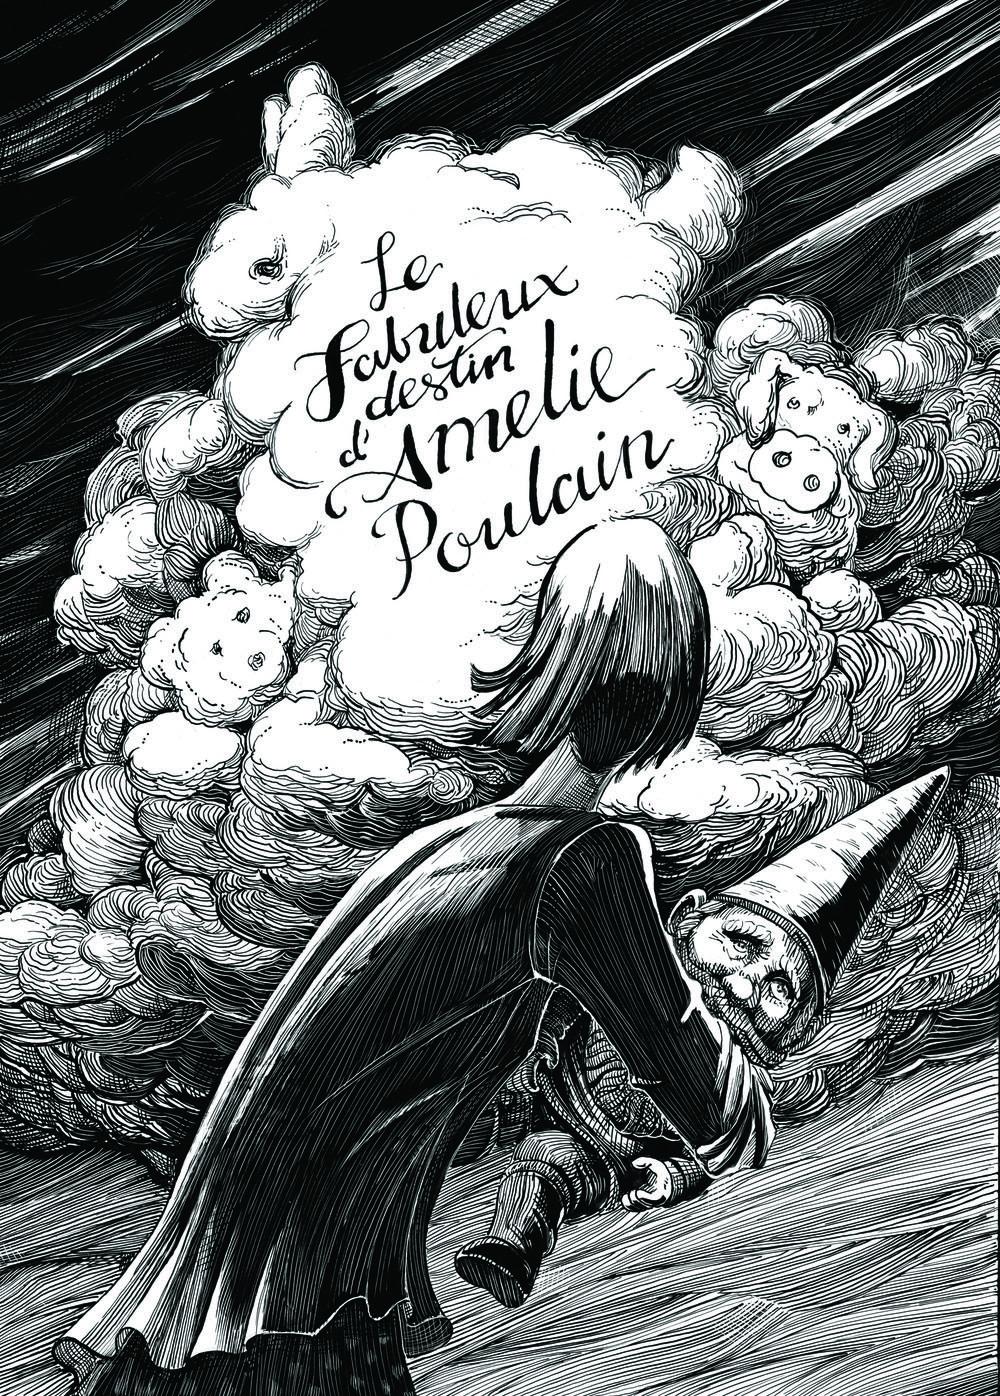 AMELIE POULAIN  (Movie Poster)  Personal project • Technique: Scratchboard